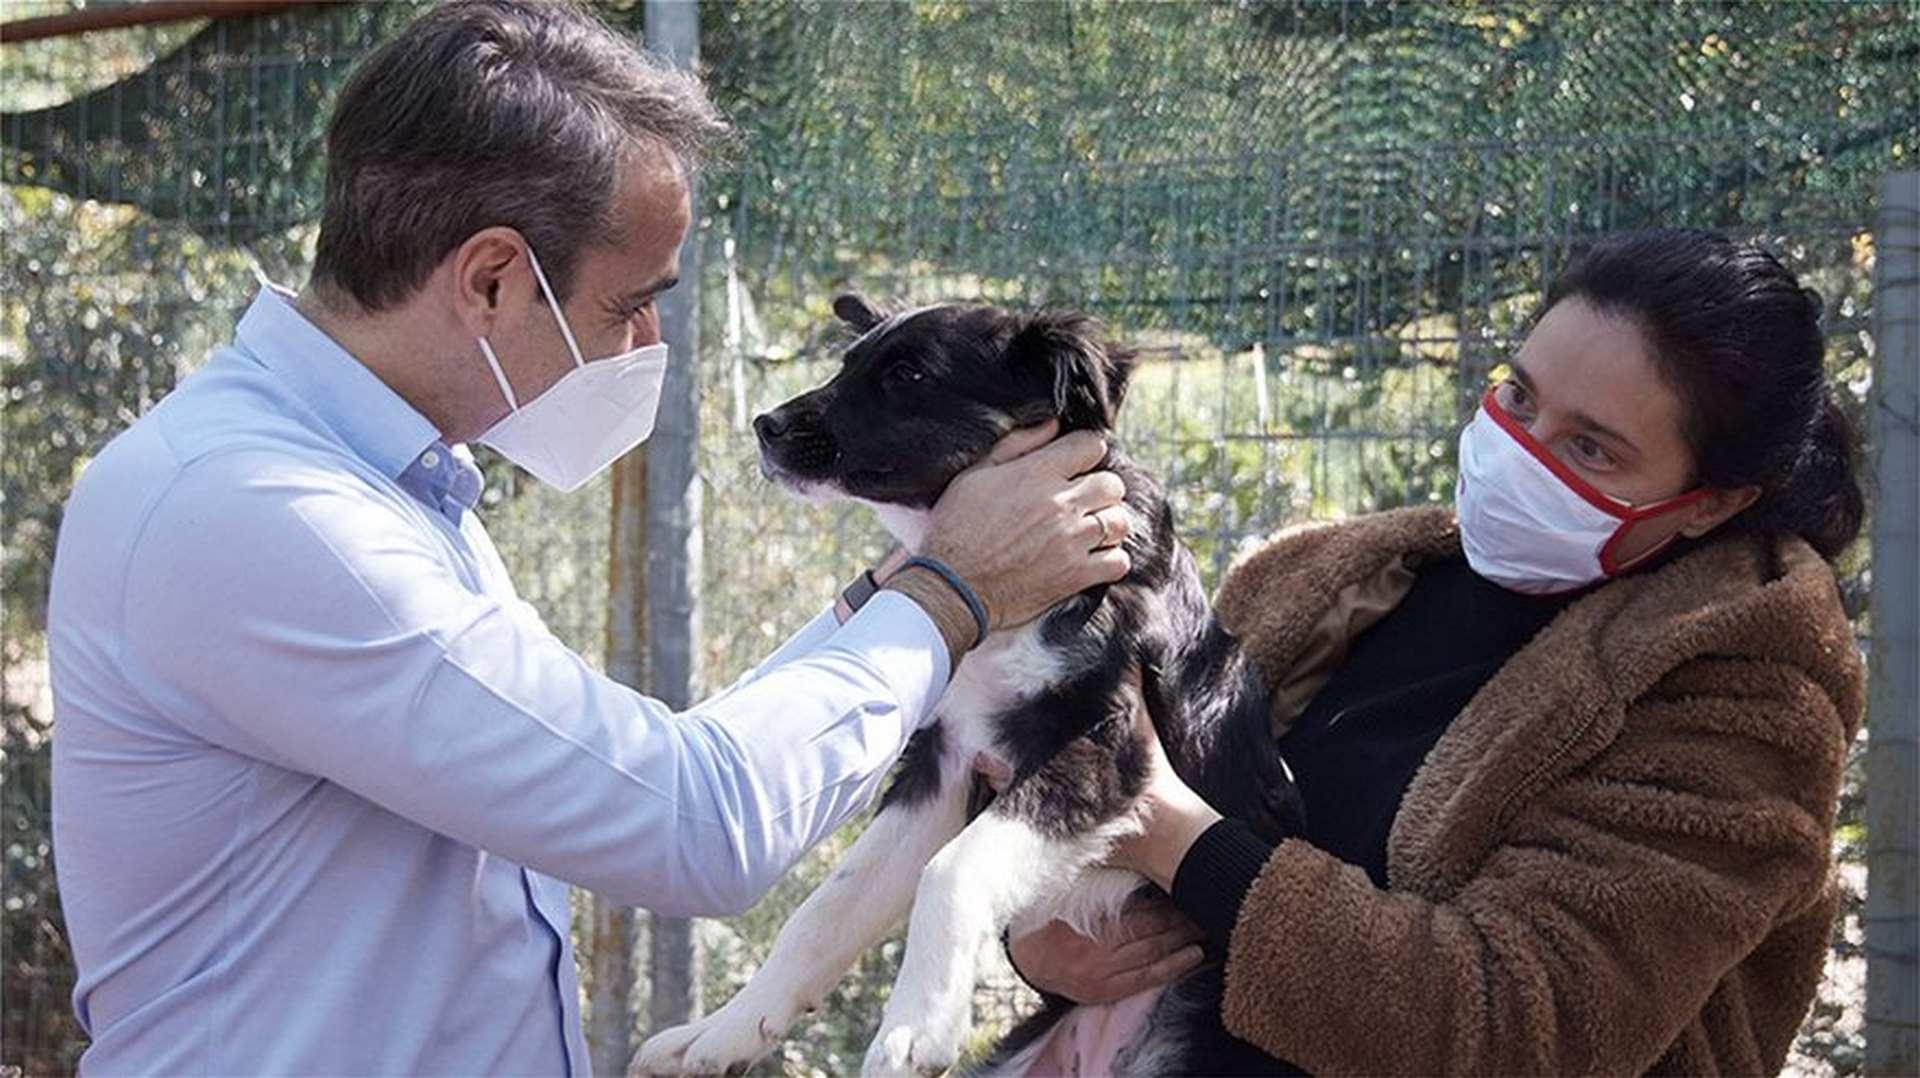 Ελλάδα: Παγκόσμια Ημέρα Αδέσποτων | Στο καταφύγιο ζώων της Ηλιούπολης ο Μητσοτάκης (Βίντεο)